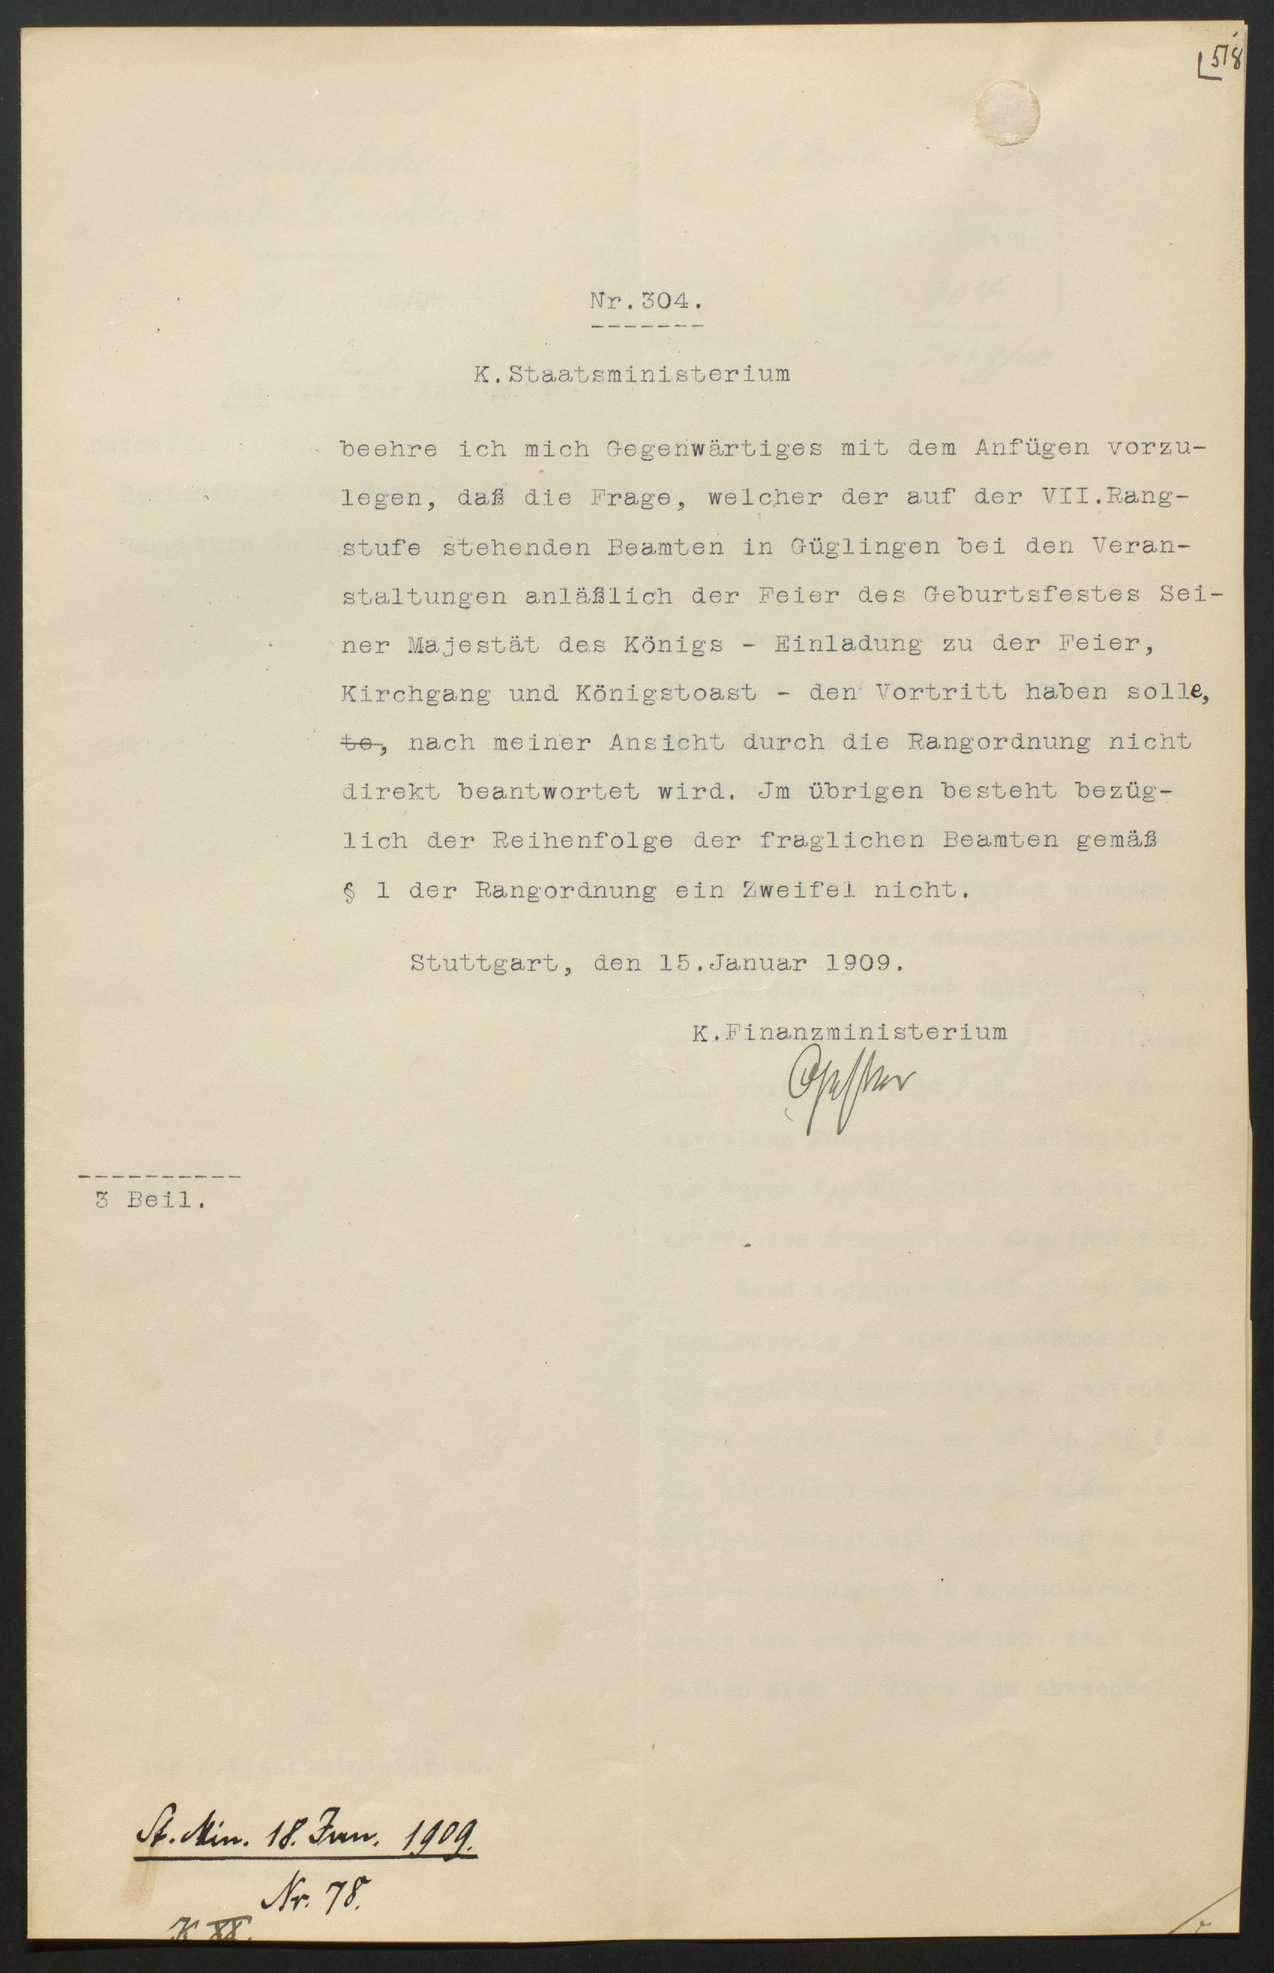 Hof- und Staatshandbuch: Neuausgaben, Änderungen der Rangordnung, Bild 3